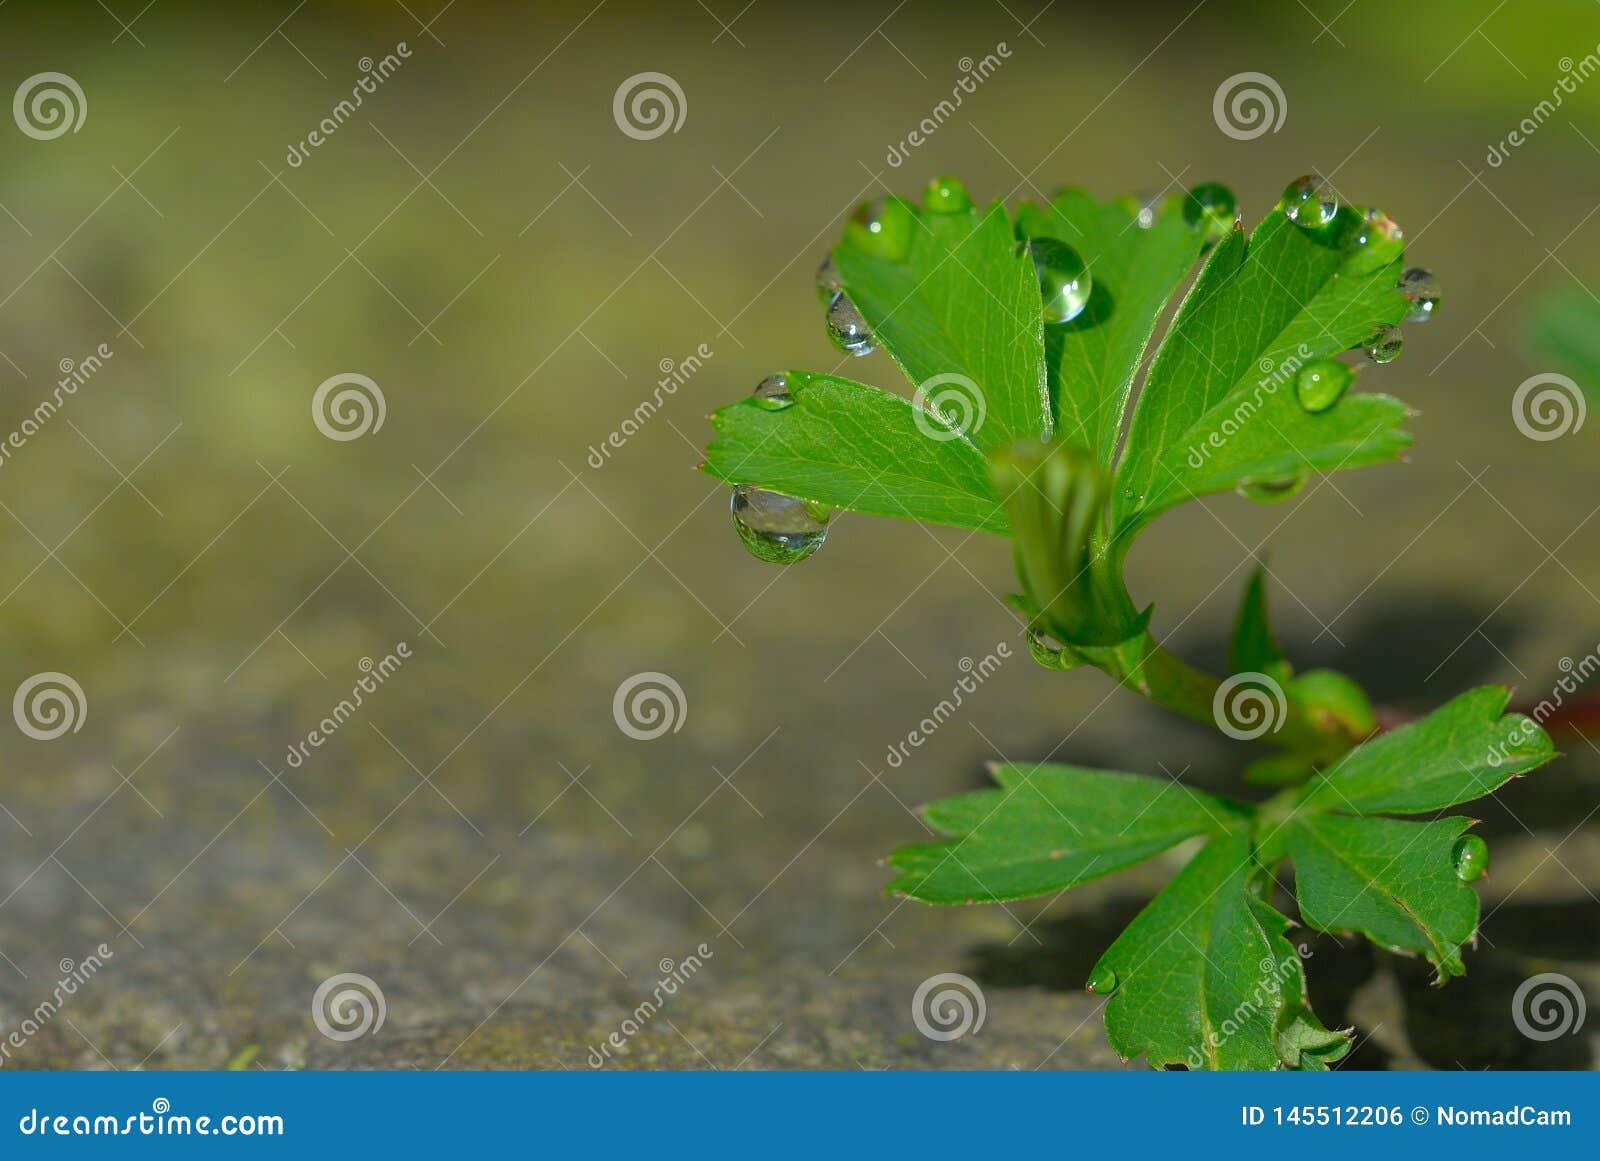 Groen weinig installatie met waterdalingen op een steen